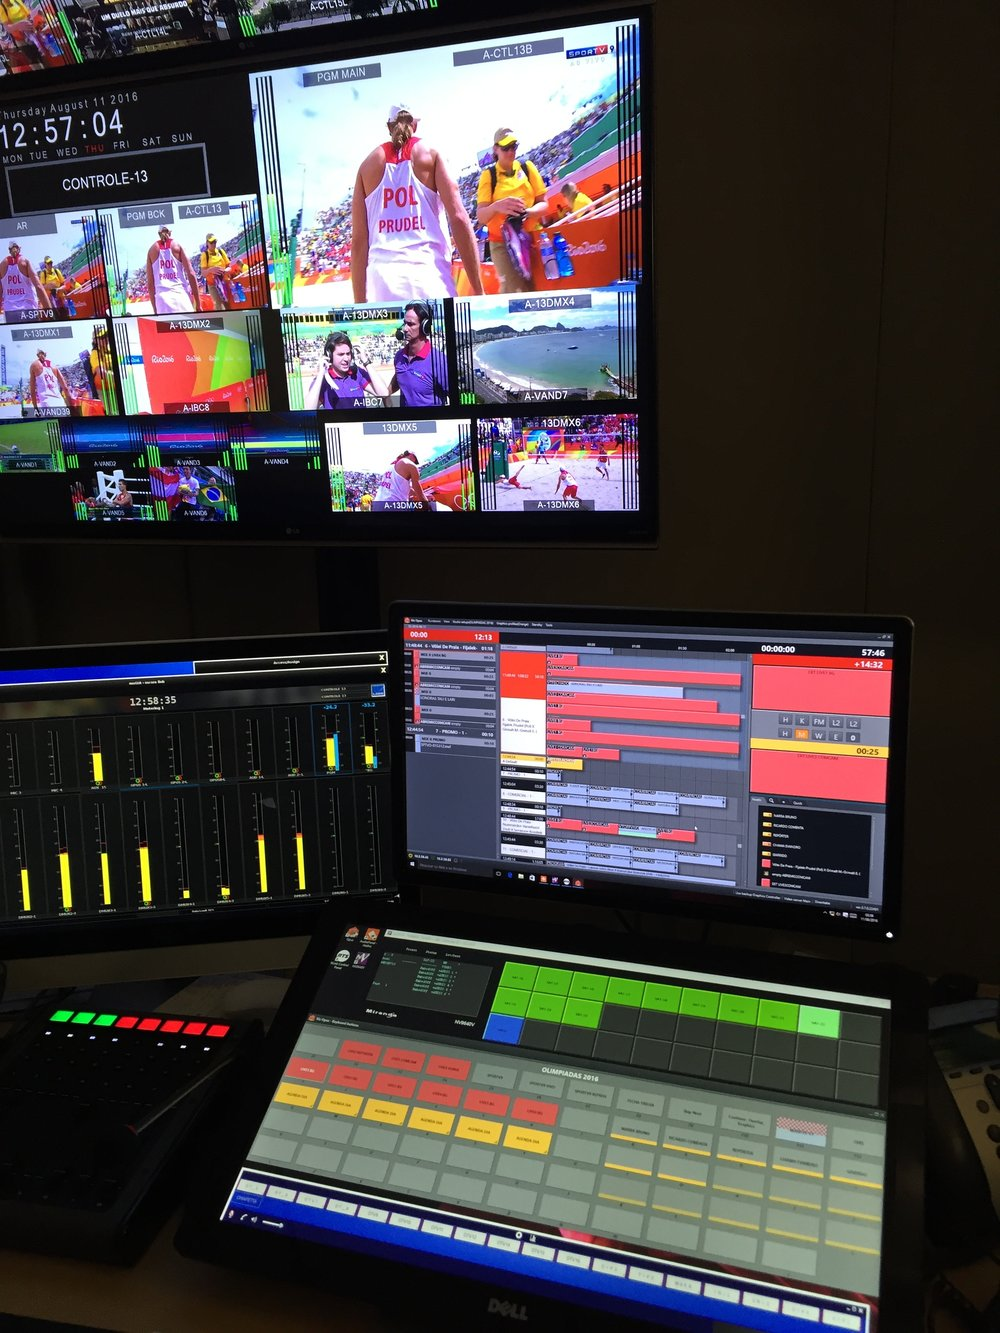 Viz Opus är en dator som kan hantera både videoklipp, grafik och sköta bildmixningen.